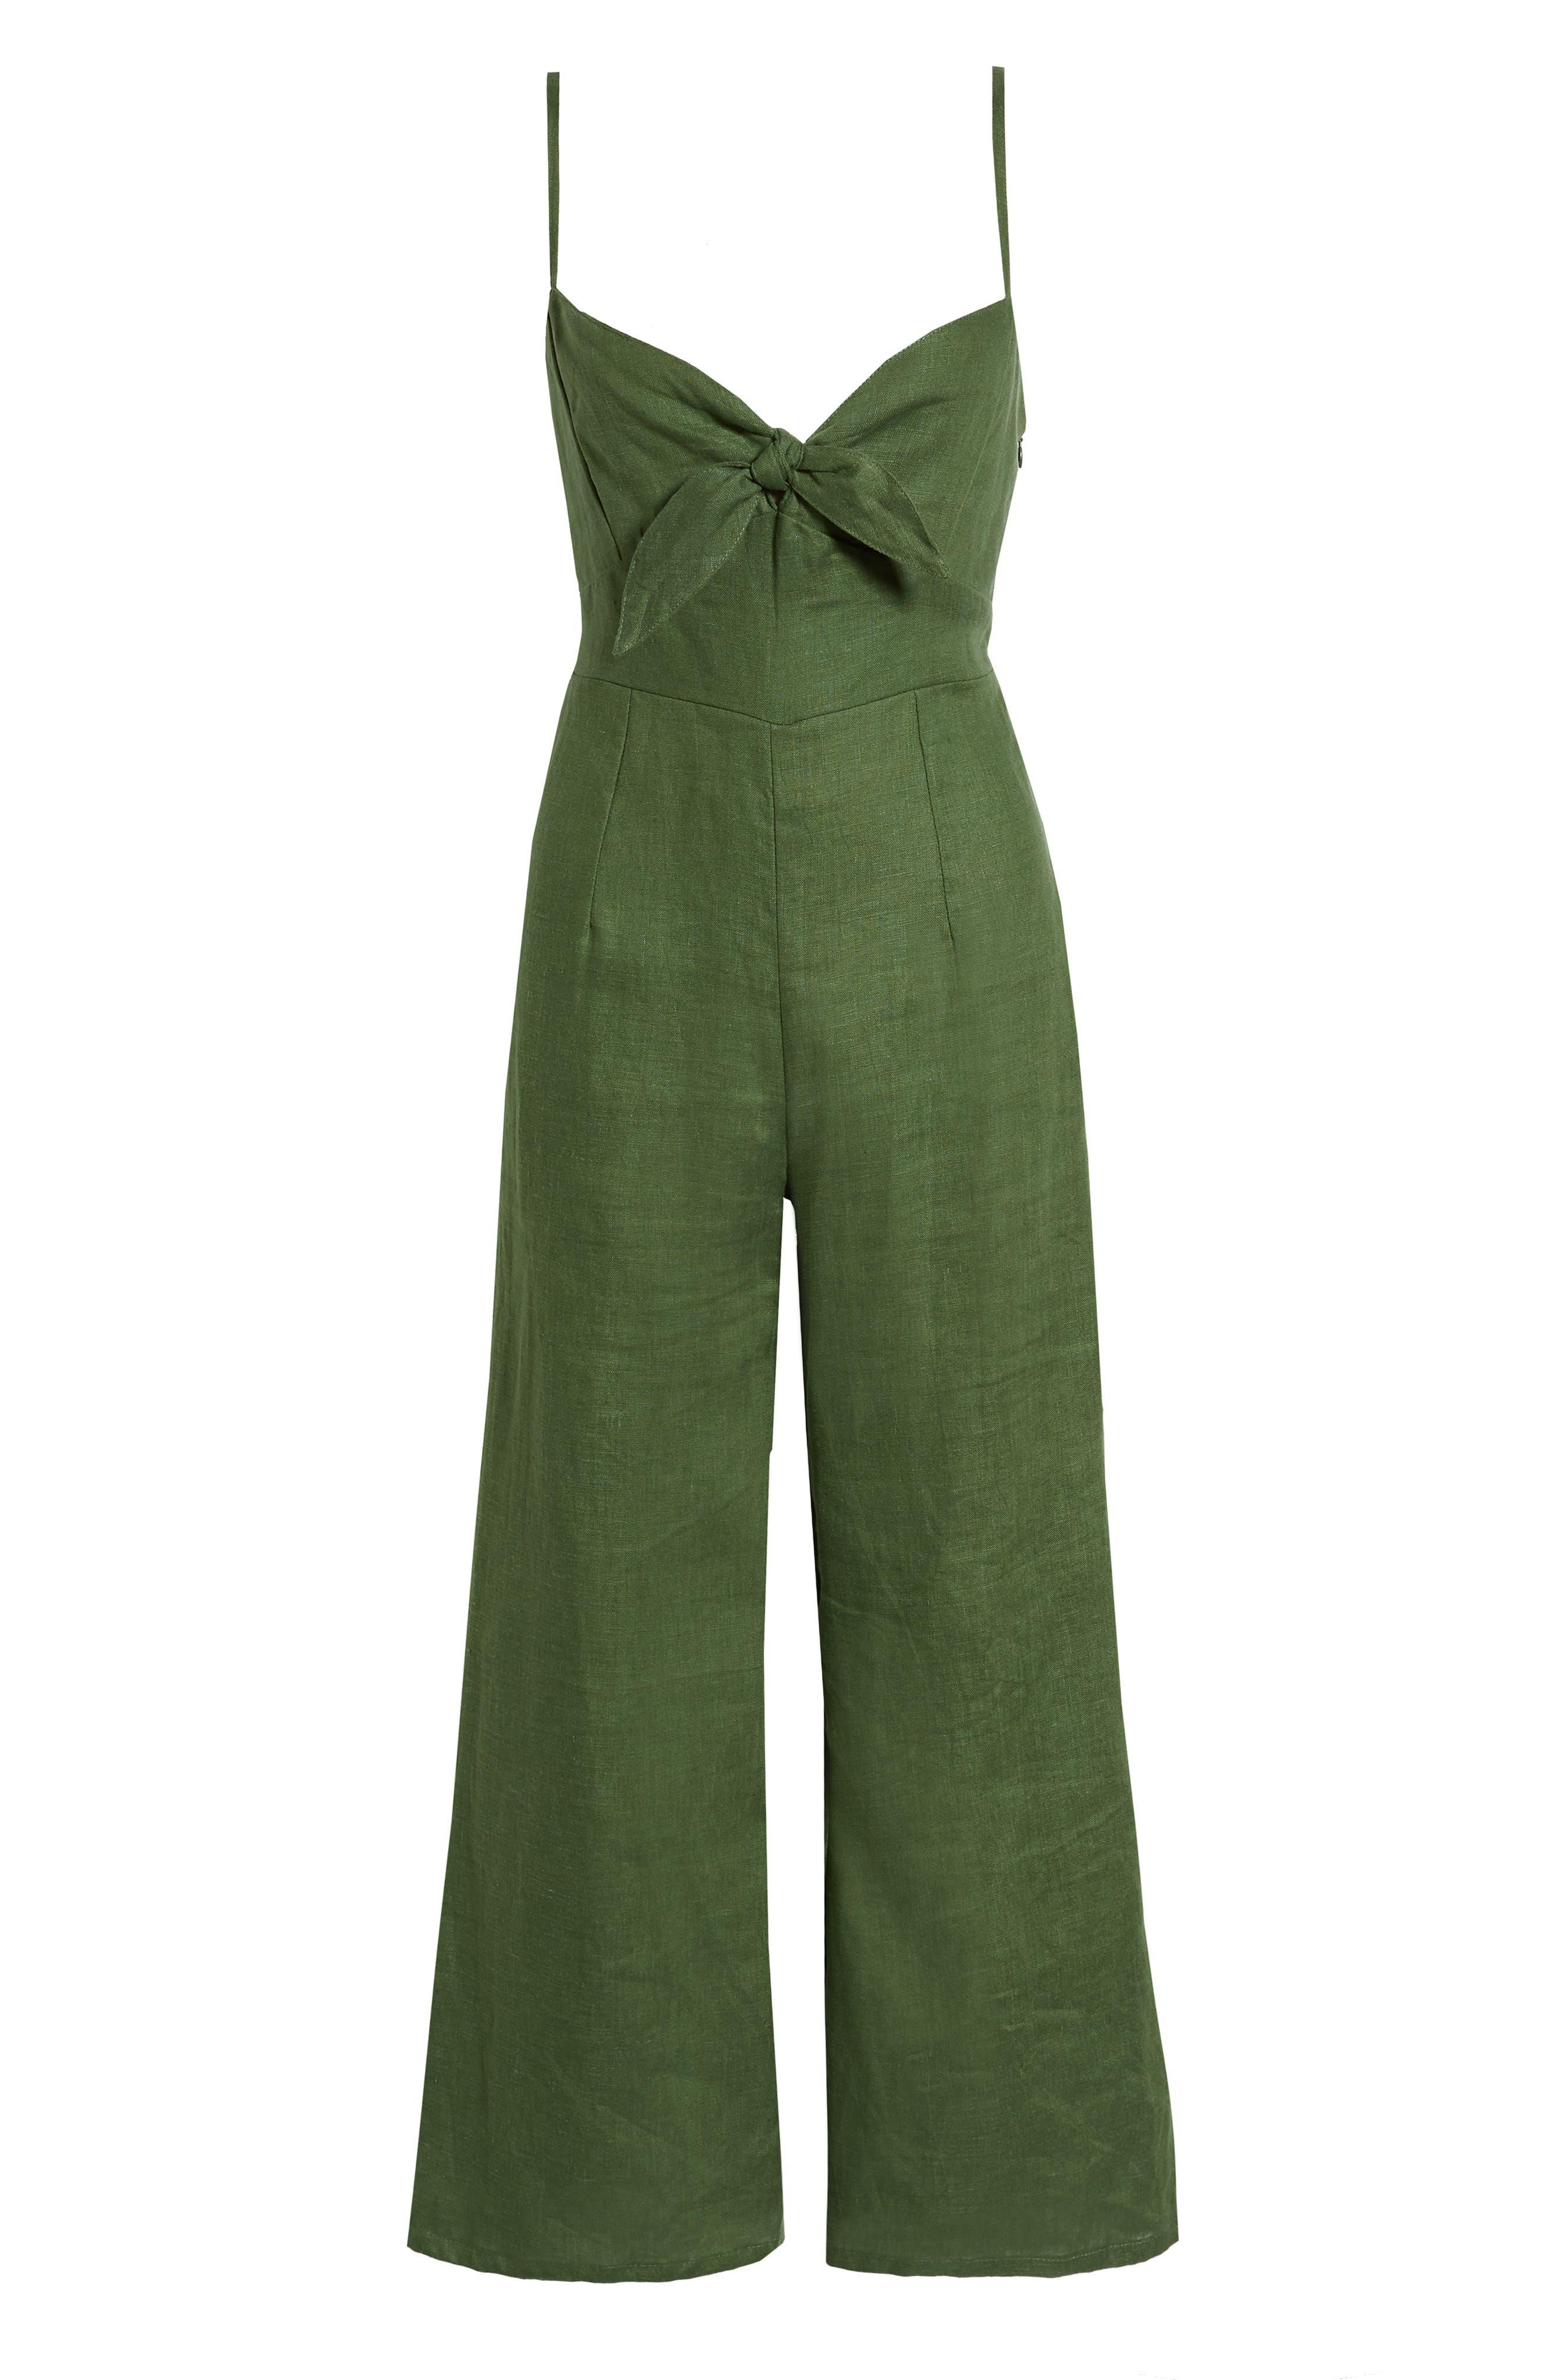 Presley Linen Jumpsuit,                             Alternate thumbnail 4, color,                             PLAIN MOSS GREEN